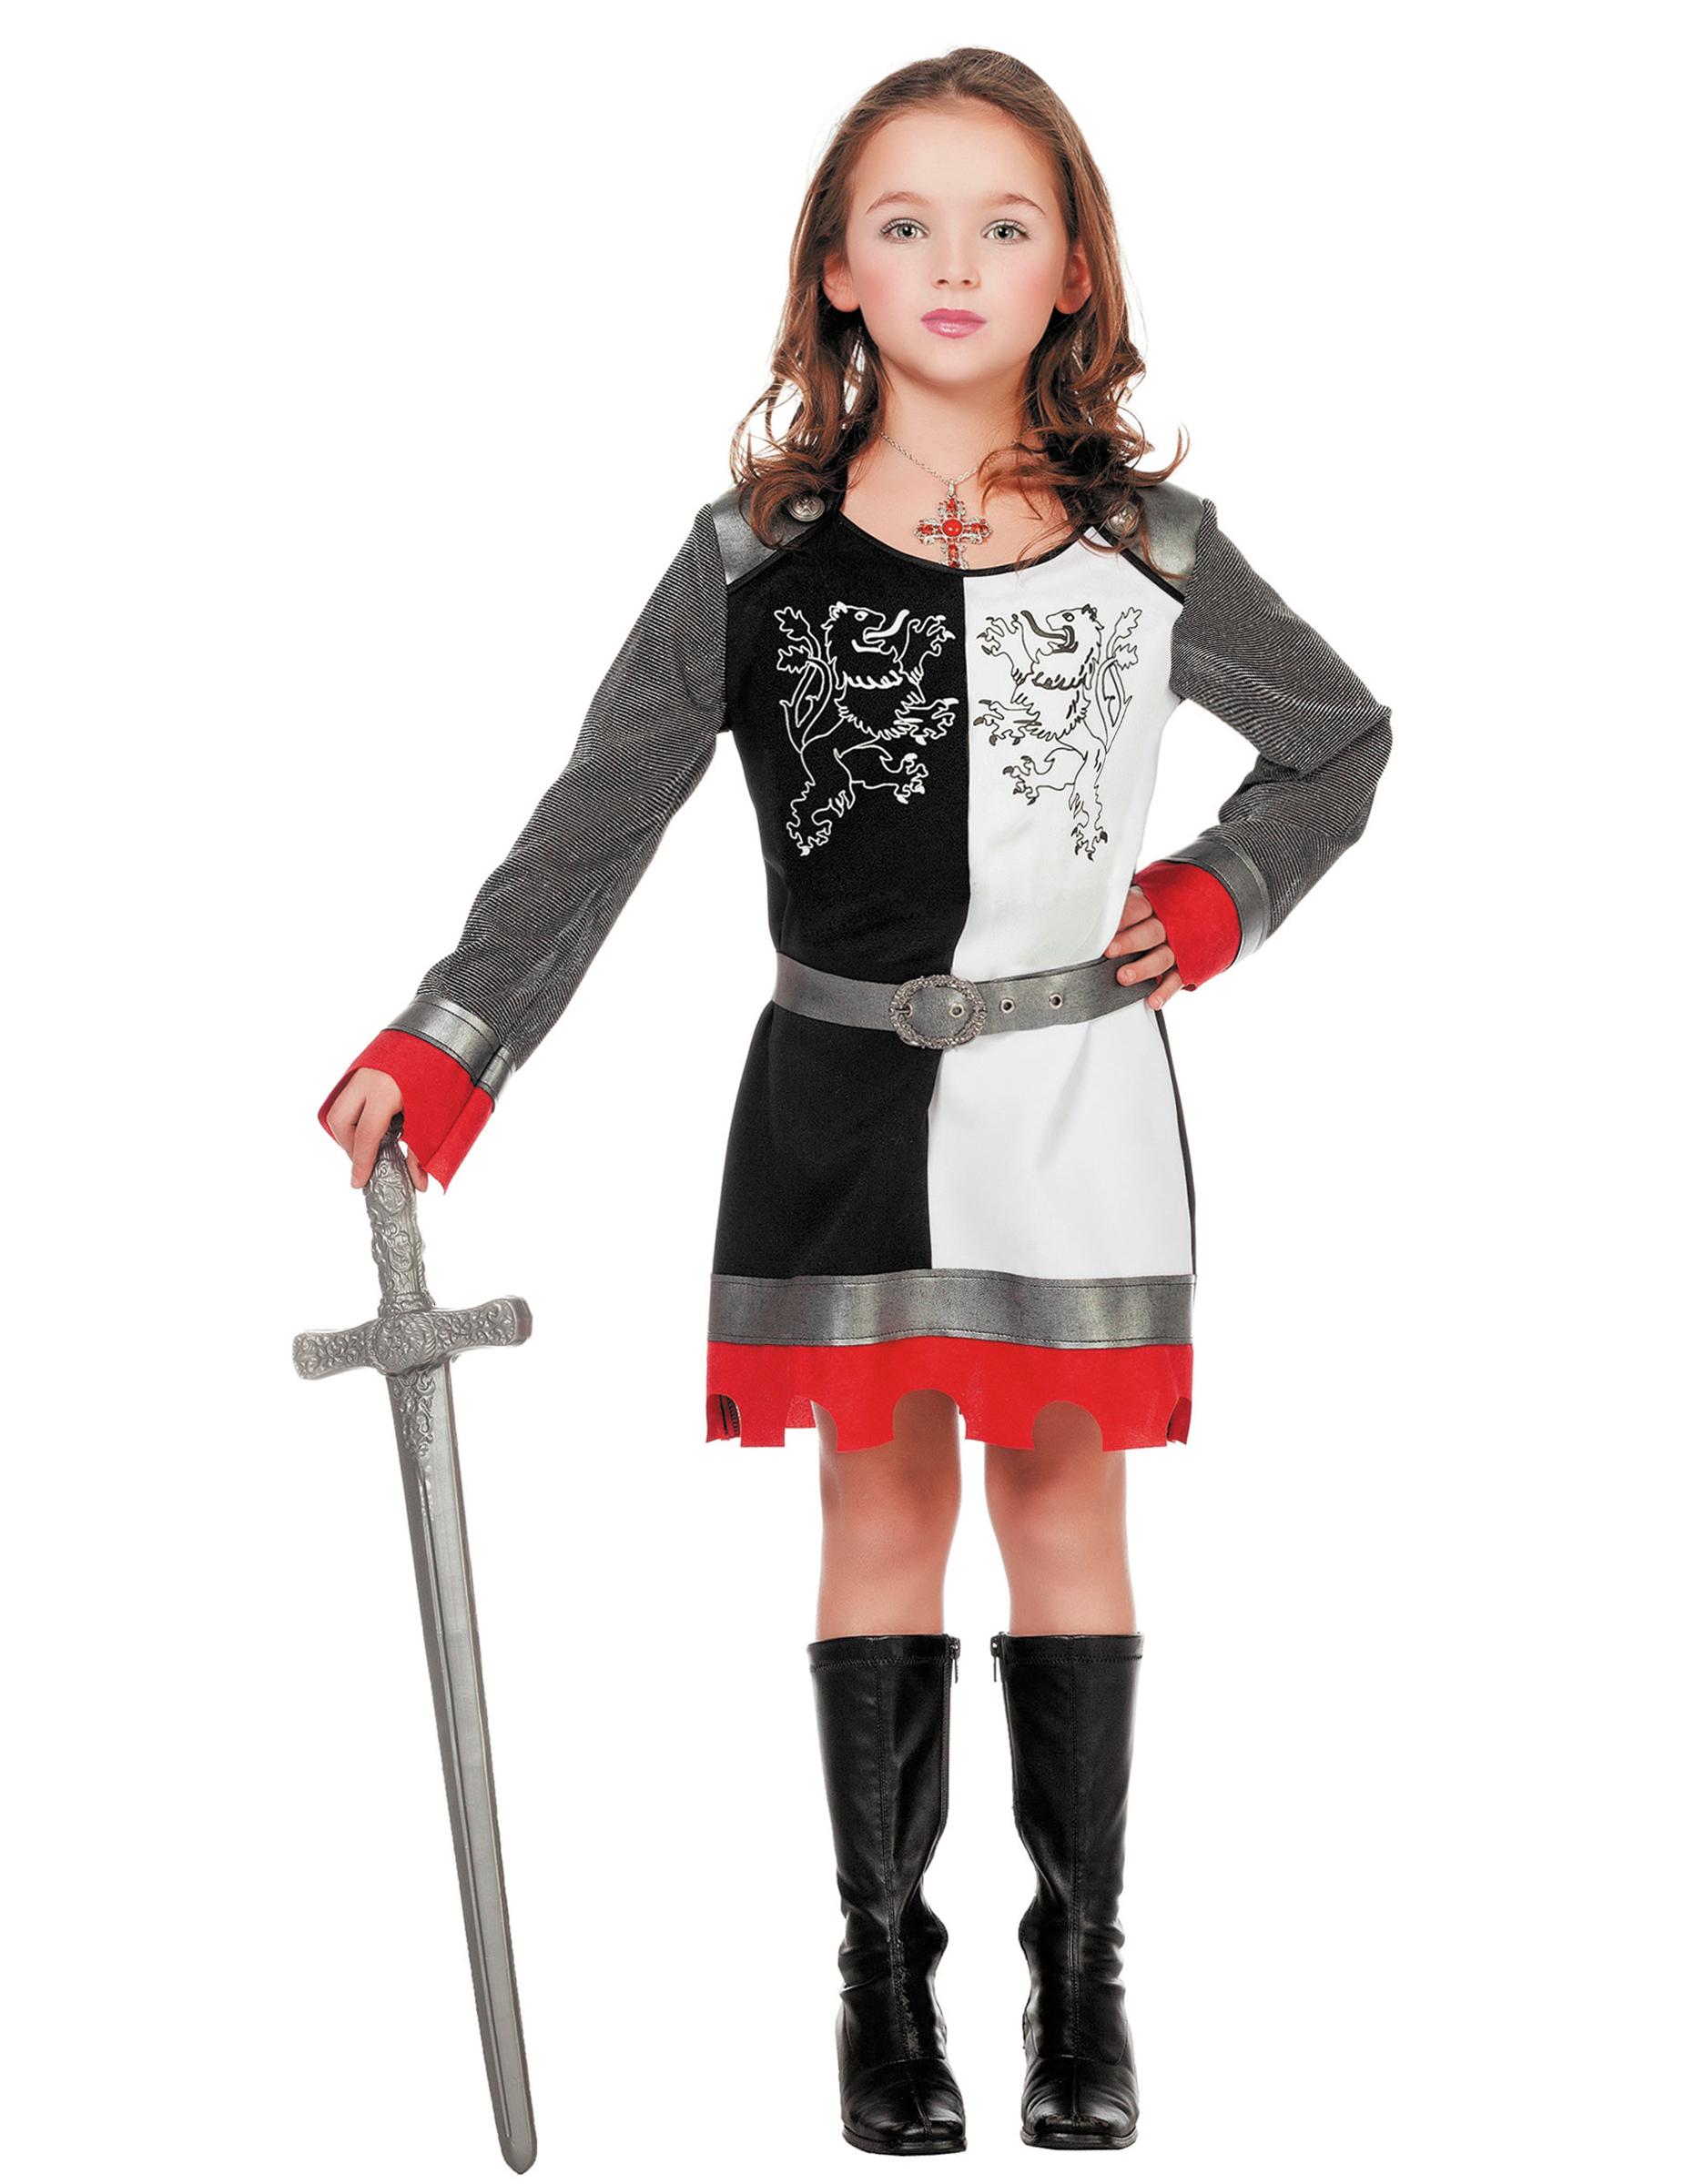 d guisement princesse chevalier fille deguise toi achat de d guisements enfants. Black Bedroom Furniture Sets. Home Design Ideas